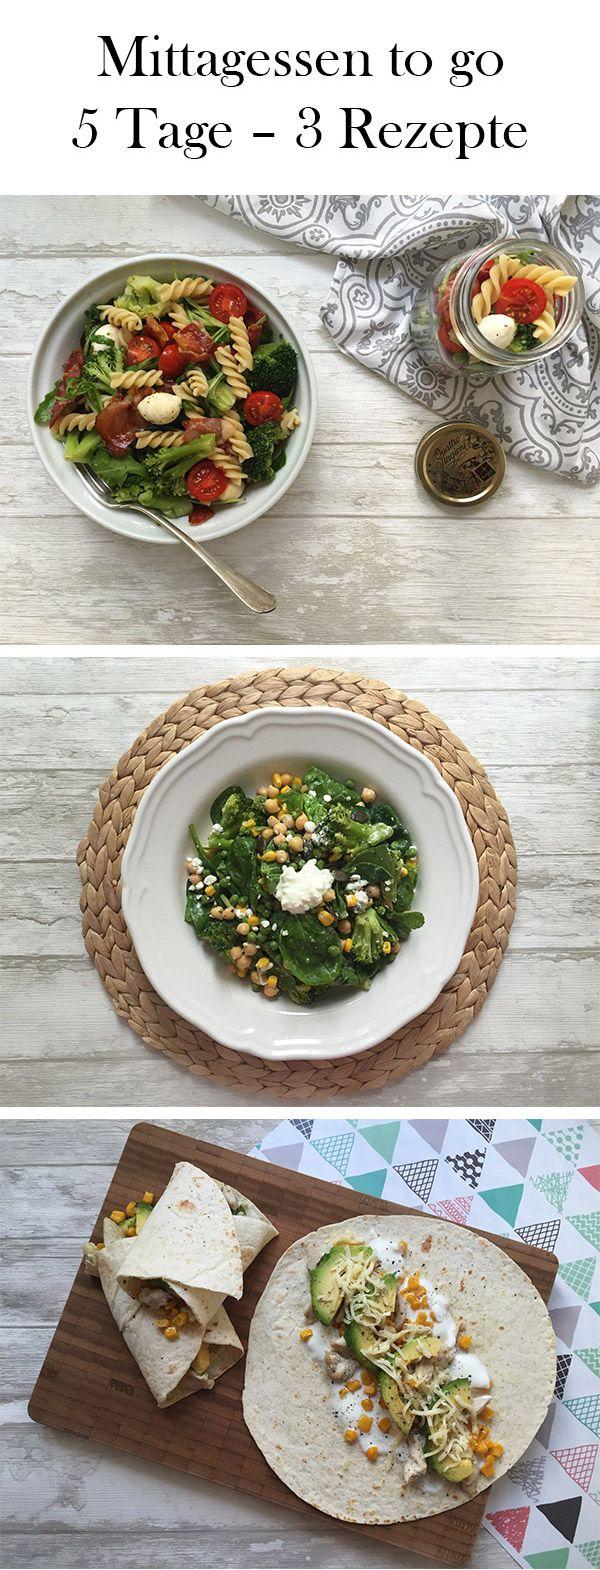 Dieser Wochenplan ist perfekt für Berufstätige: Er beinhaltet drei Gerichte, aus denen du Mahlzeiten für fünf Mittagessen für unterwegs zaubern kannst!